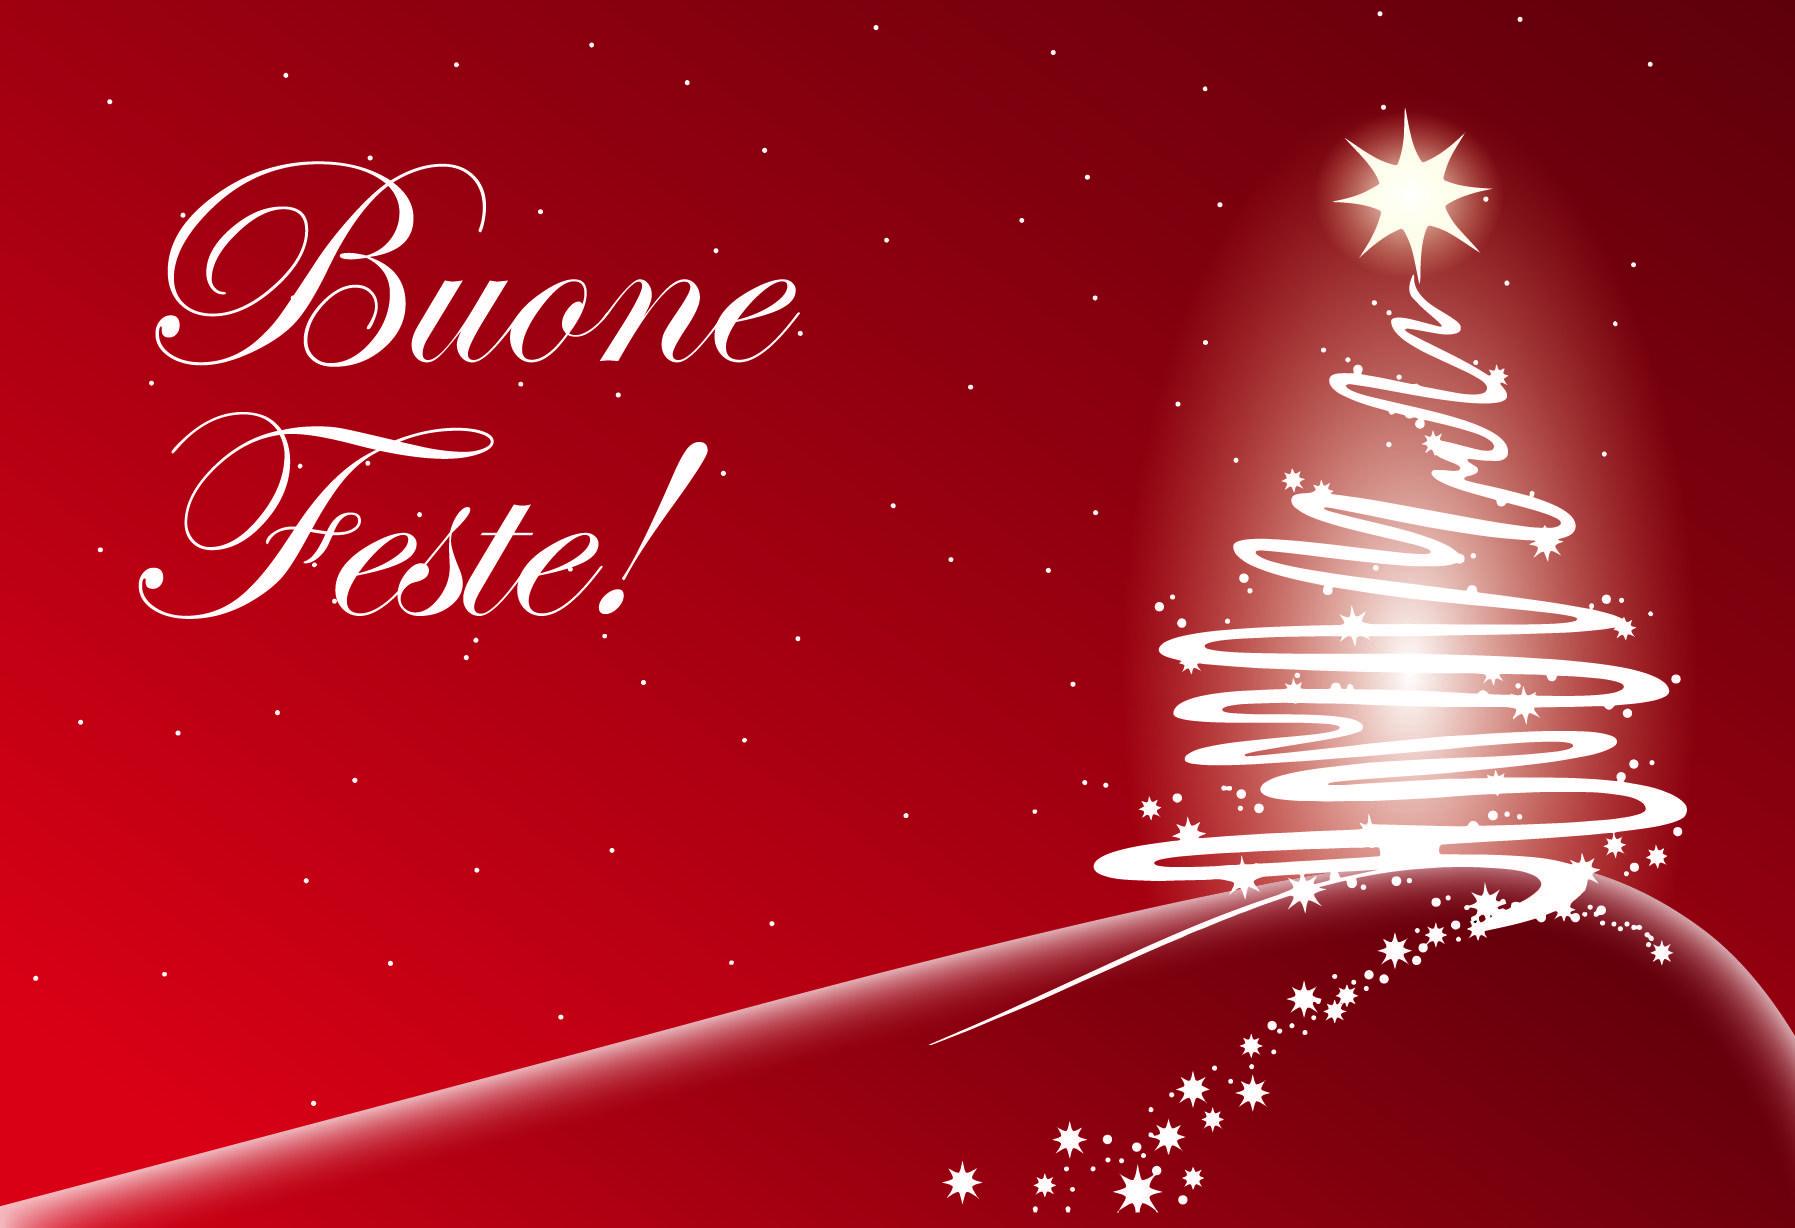 Immagini Di Auguri Di Natale Gratis.Buone Feste E Buon Natale 2018 Immagini Di Auguri Da